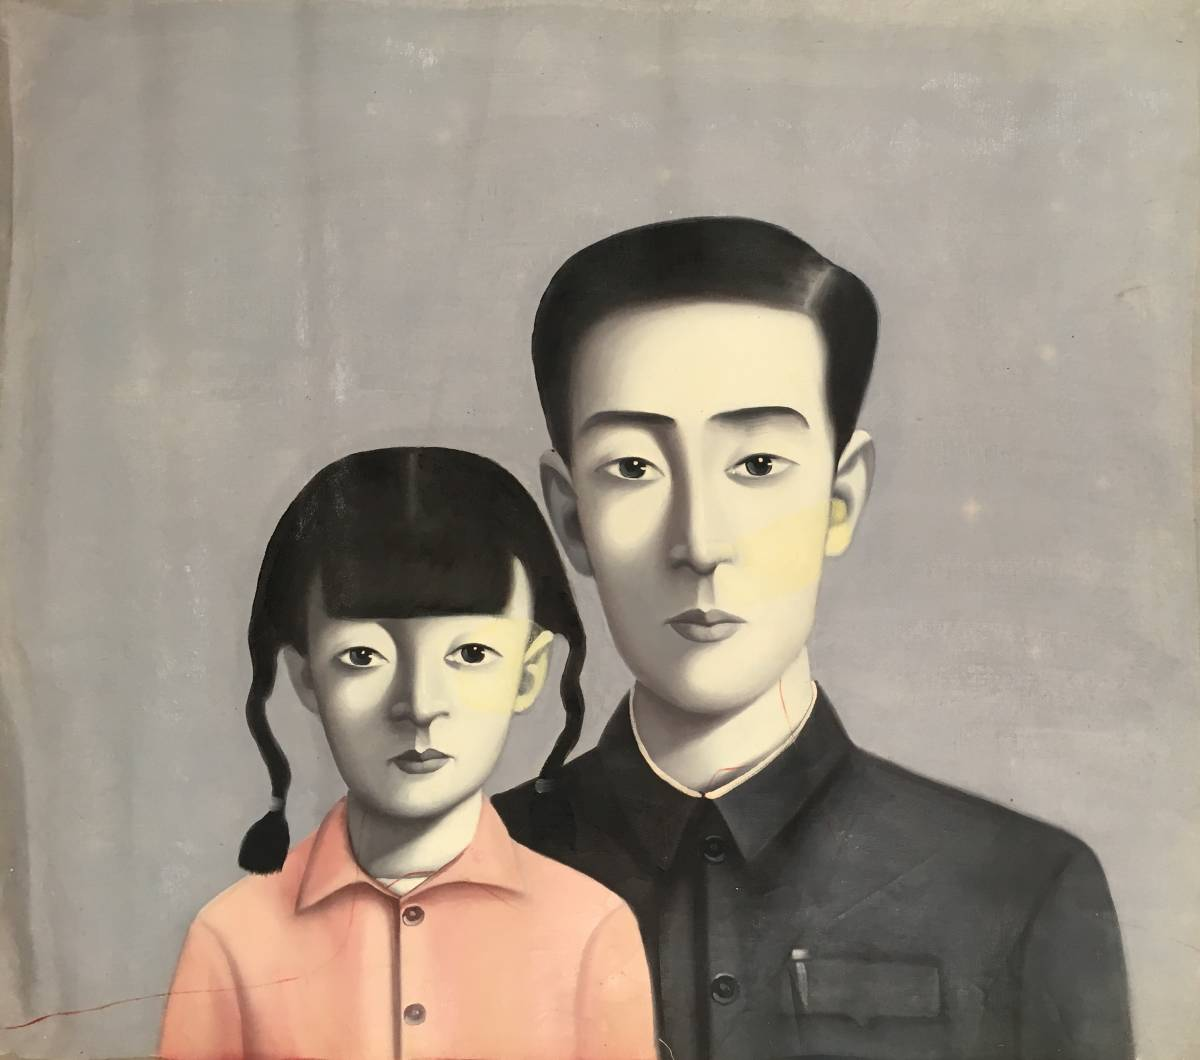 現代絵画?。痆不思議な肖像画?20F?canvasシート]/中国字画?中国現代美術?コンテンポラリー